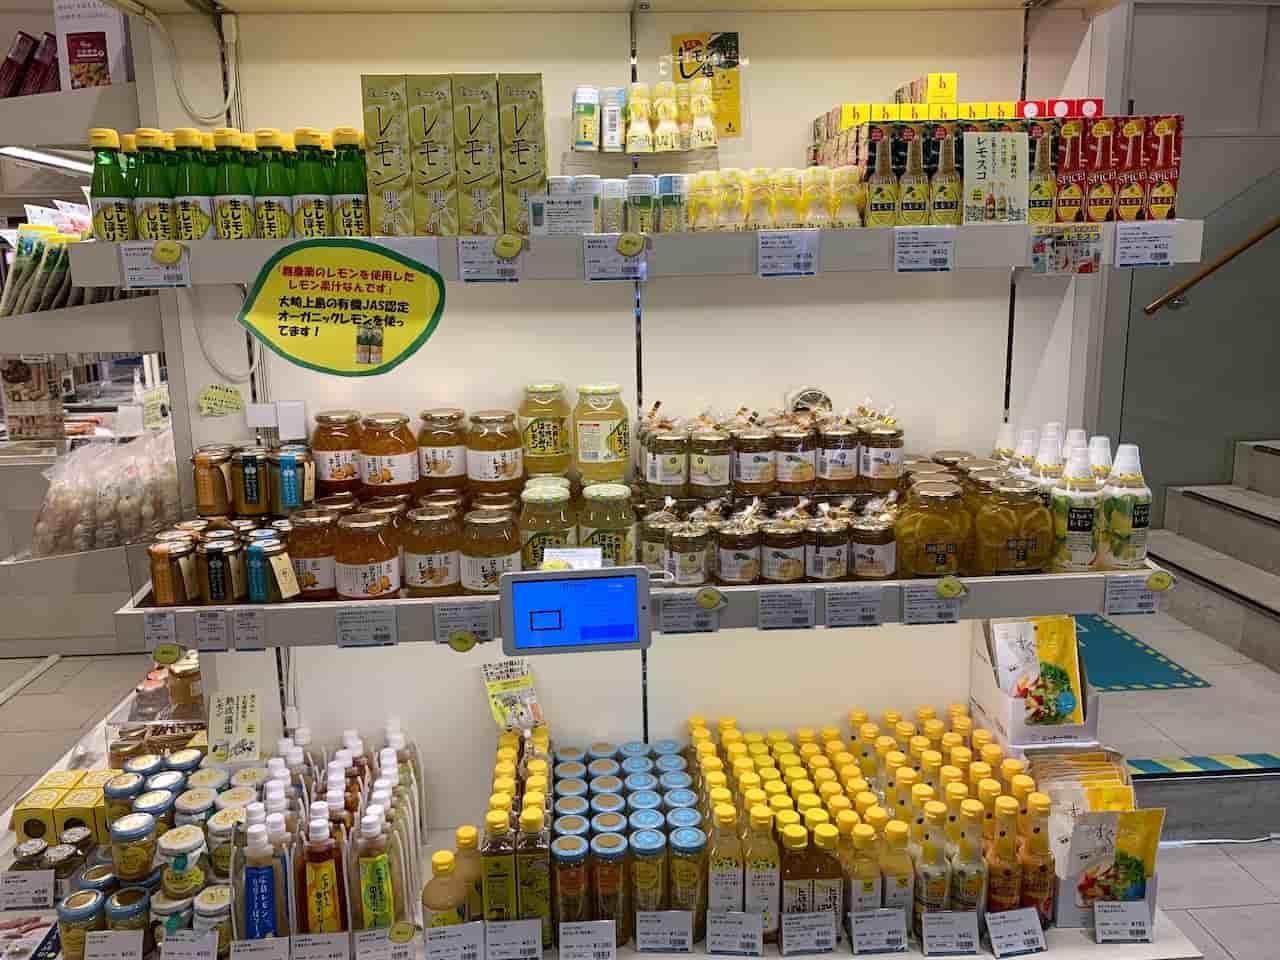 広島レモンの調味料